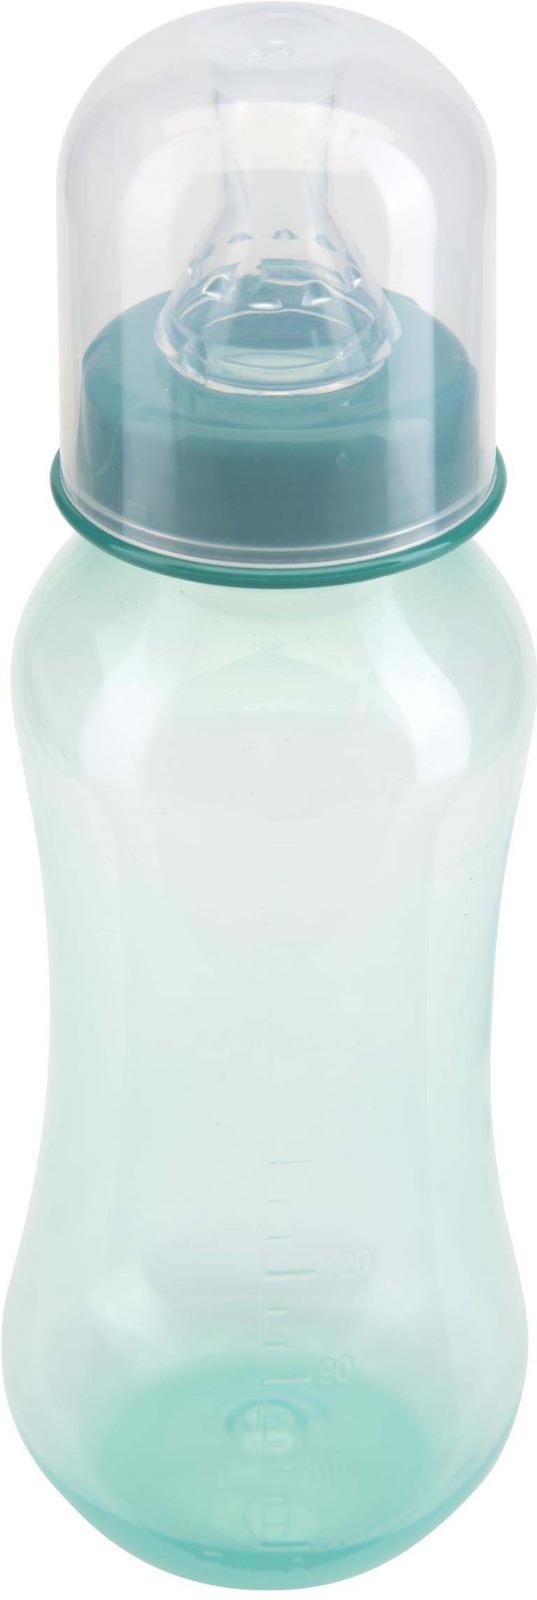 Бутылочка для кормления Курносики, с соской, 11131, 250 мл столовые приборы для малышей курносики ложечка курносики